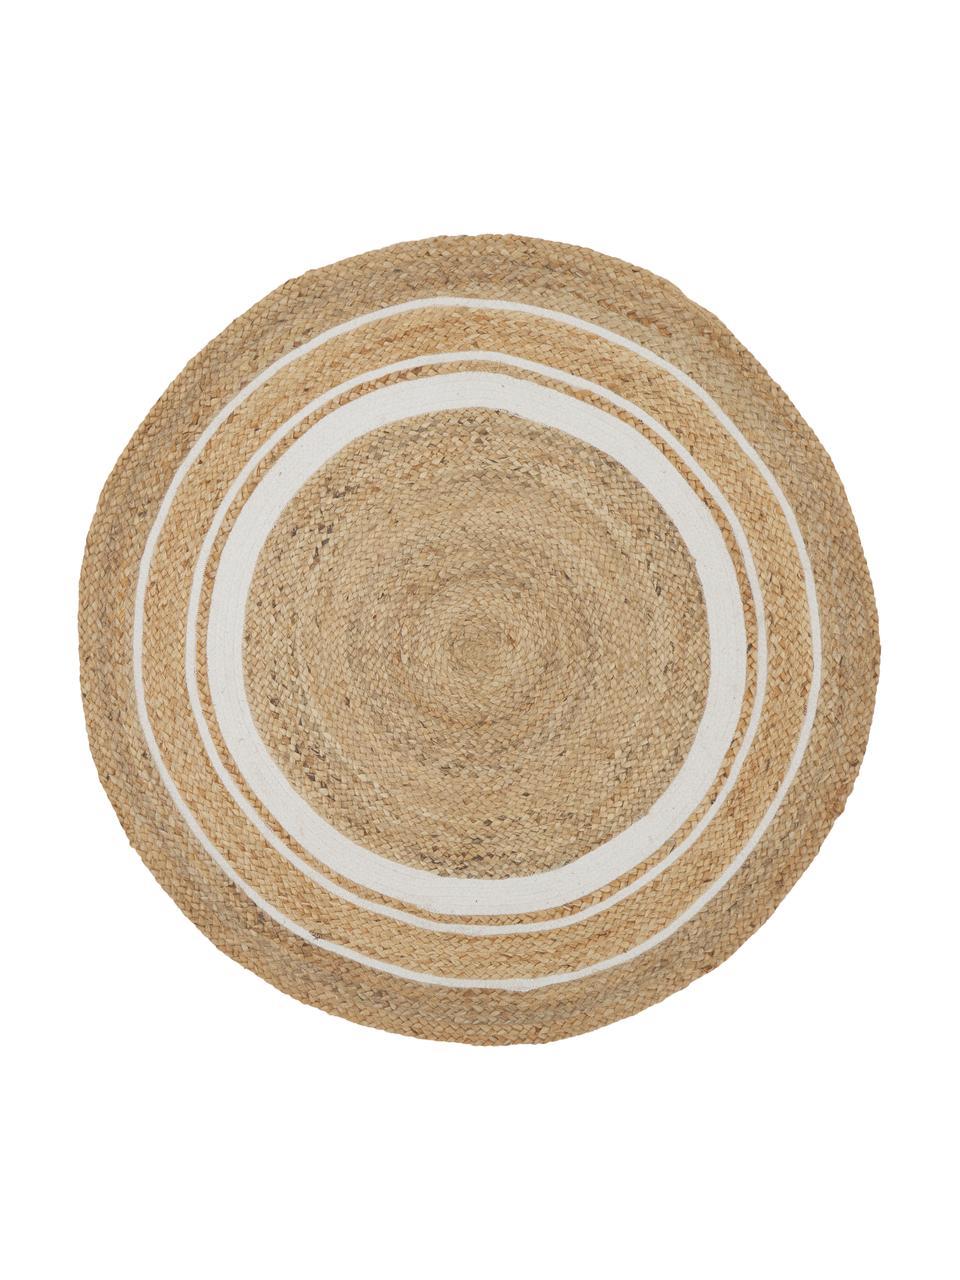 Tappeto rotondo in juta fatto a mano Clover, 75 % juta 24 % cotone  1 % poliestere, Beige, bianco, Ø 120 cm (taglia S)